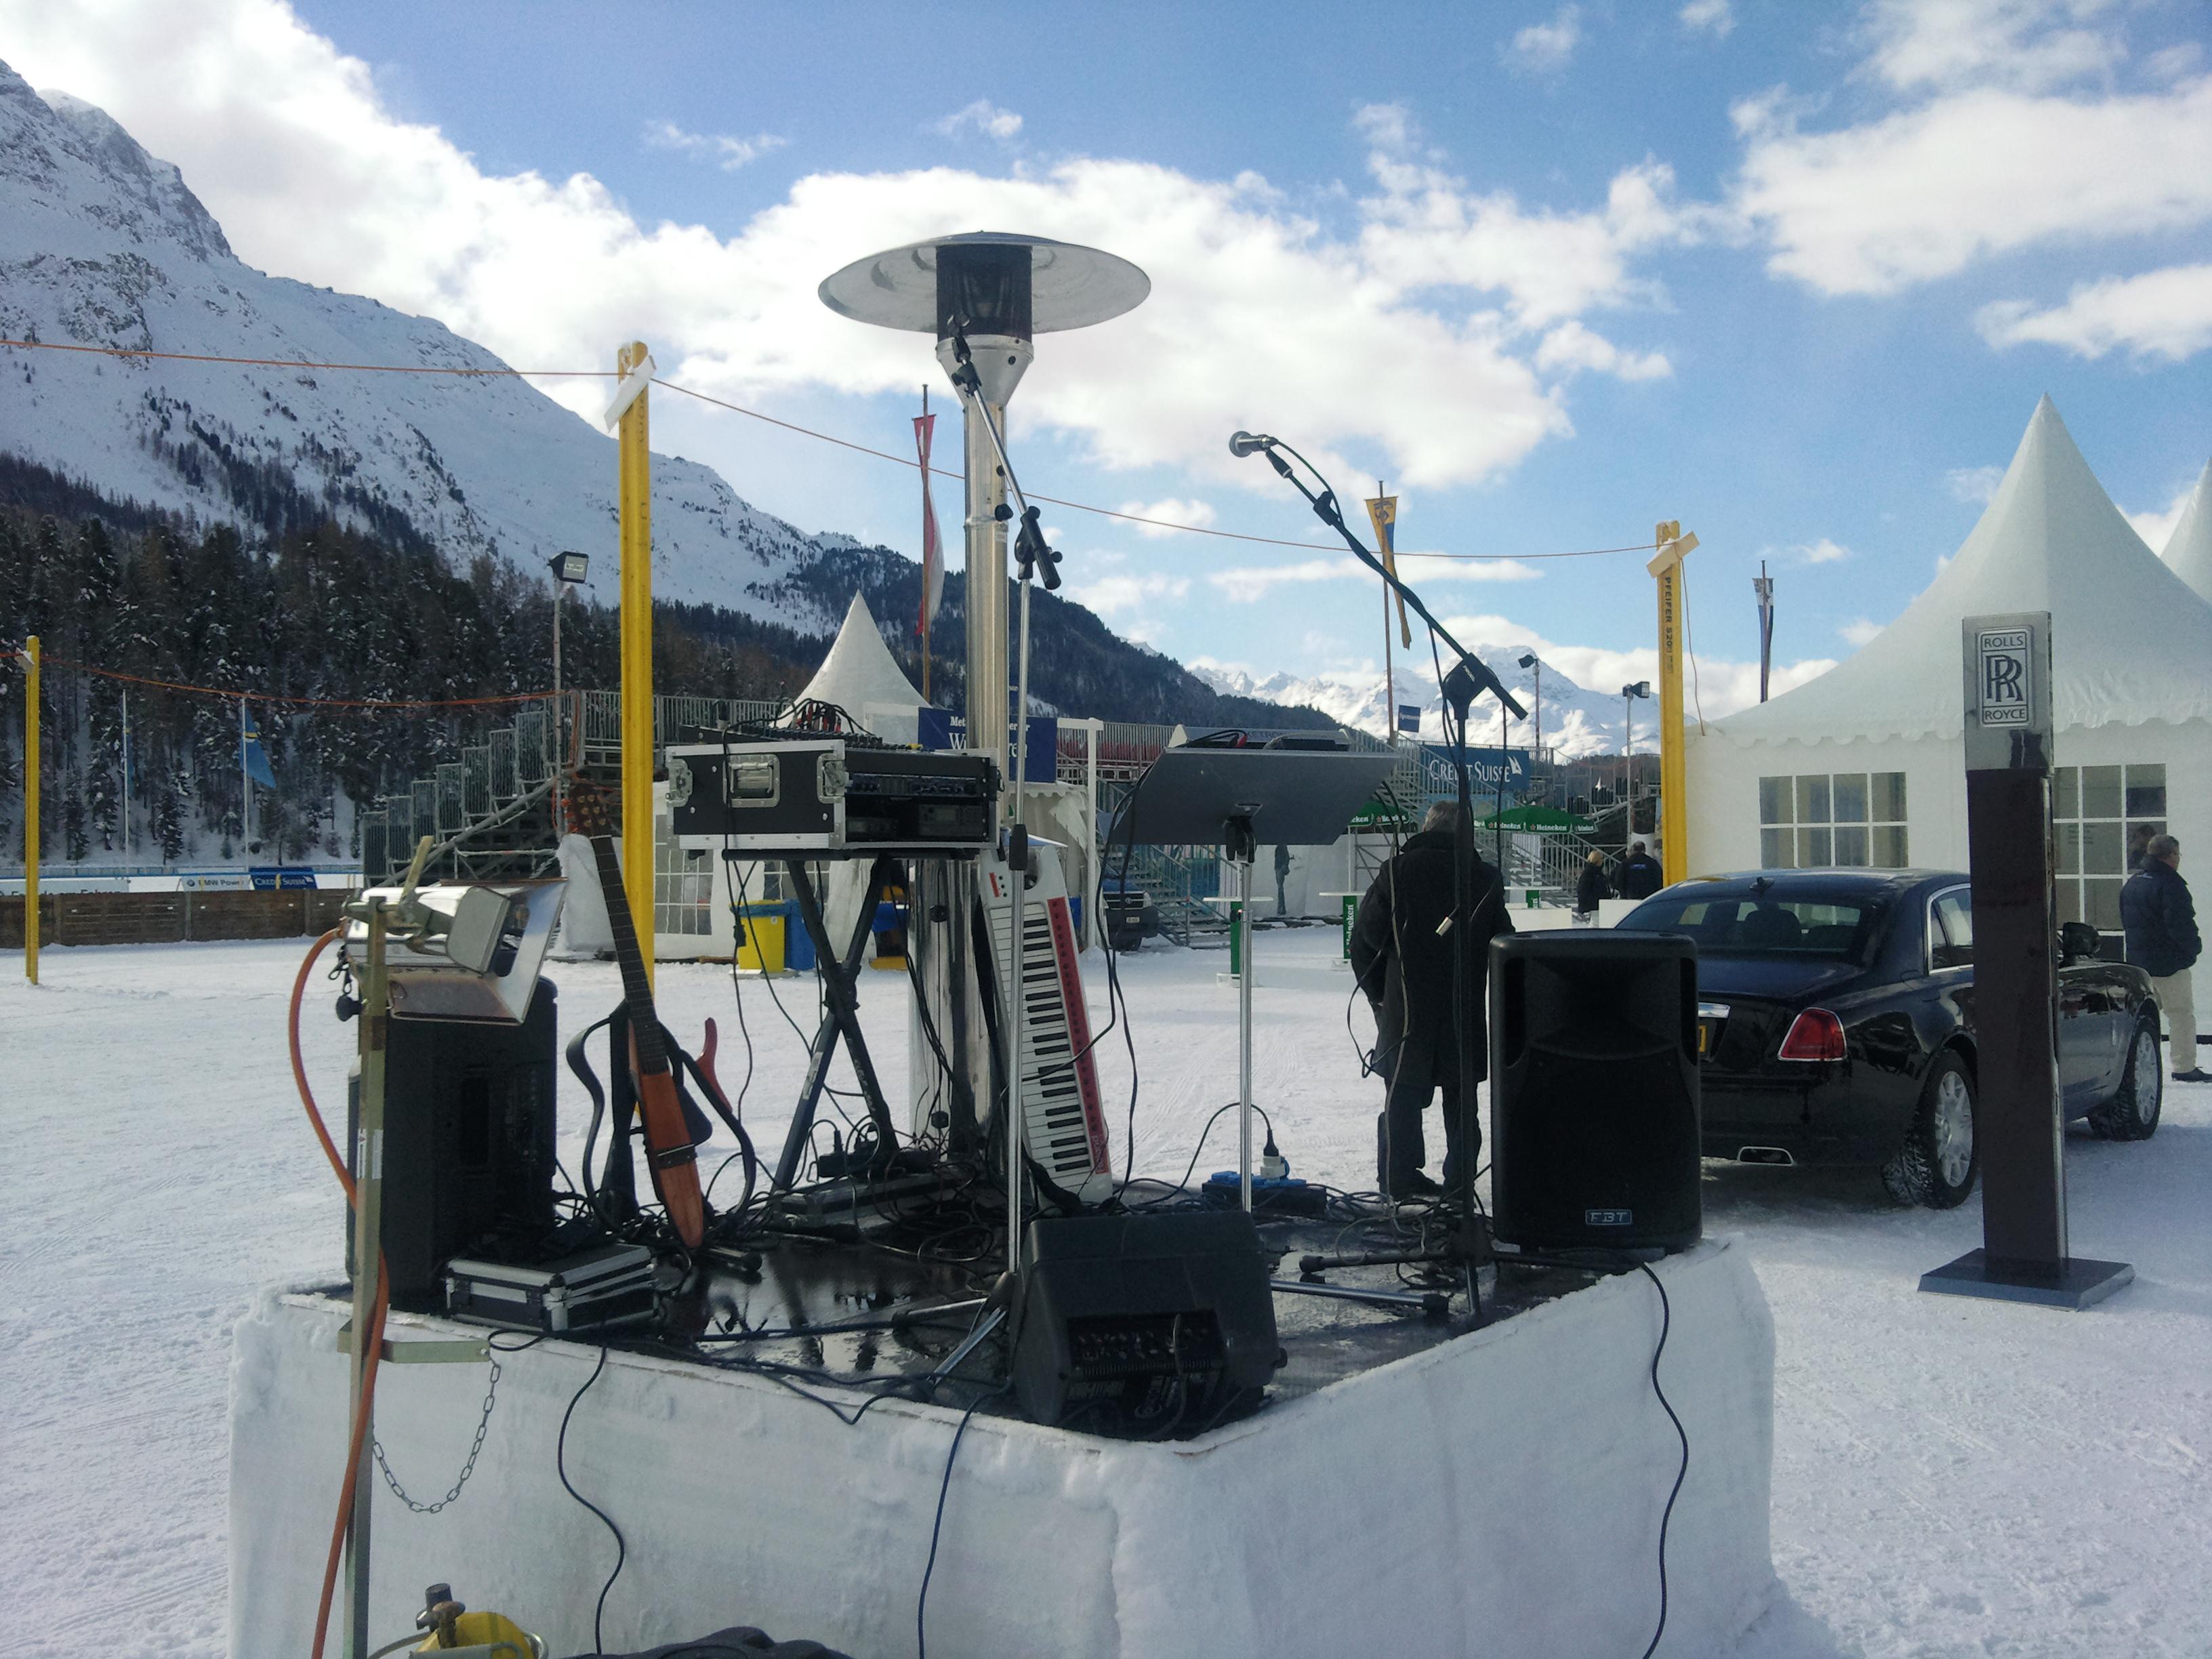 White Turf Stage St. Moritz